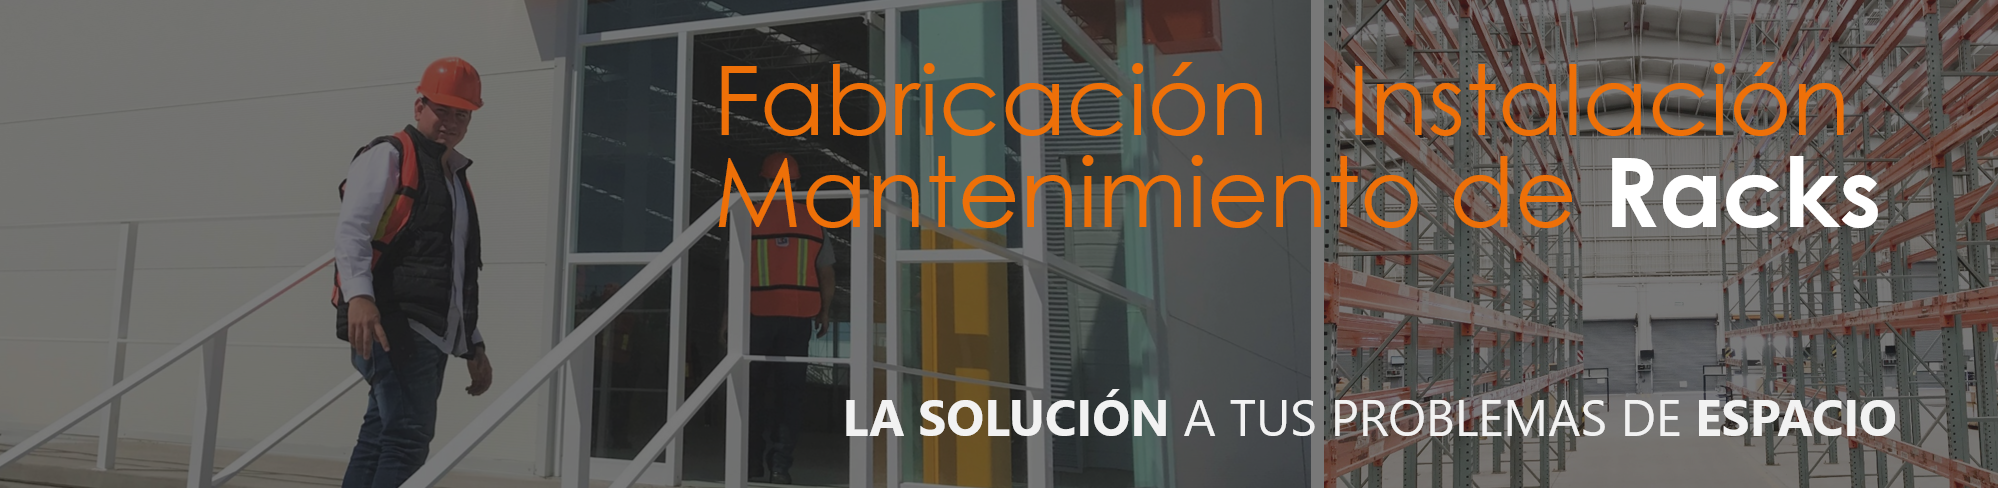 Fabricacion_Instalacion_y_Mantenimiento_de_Racks.png